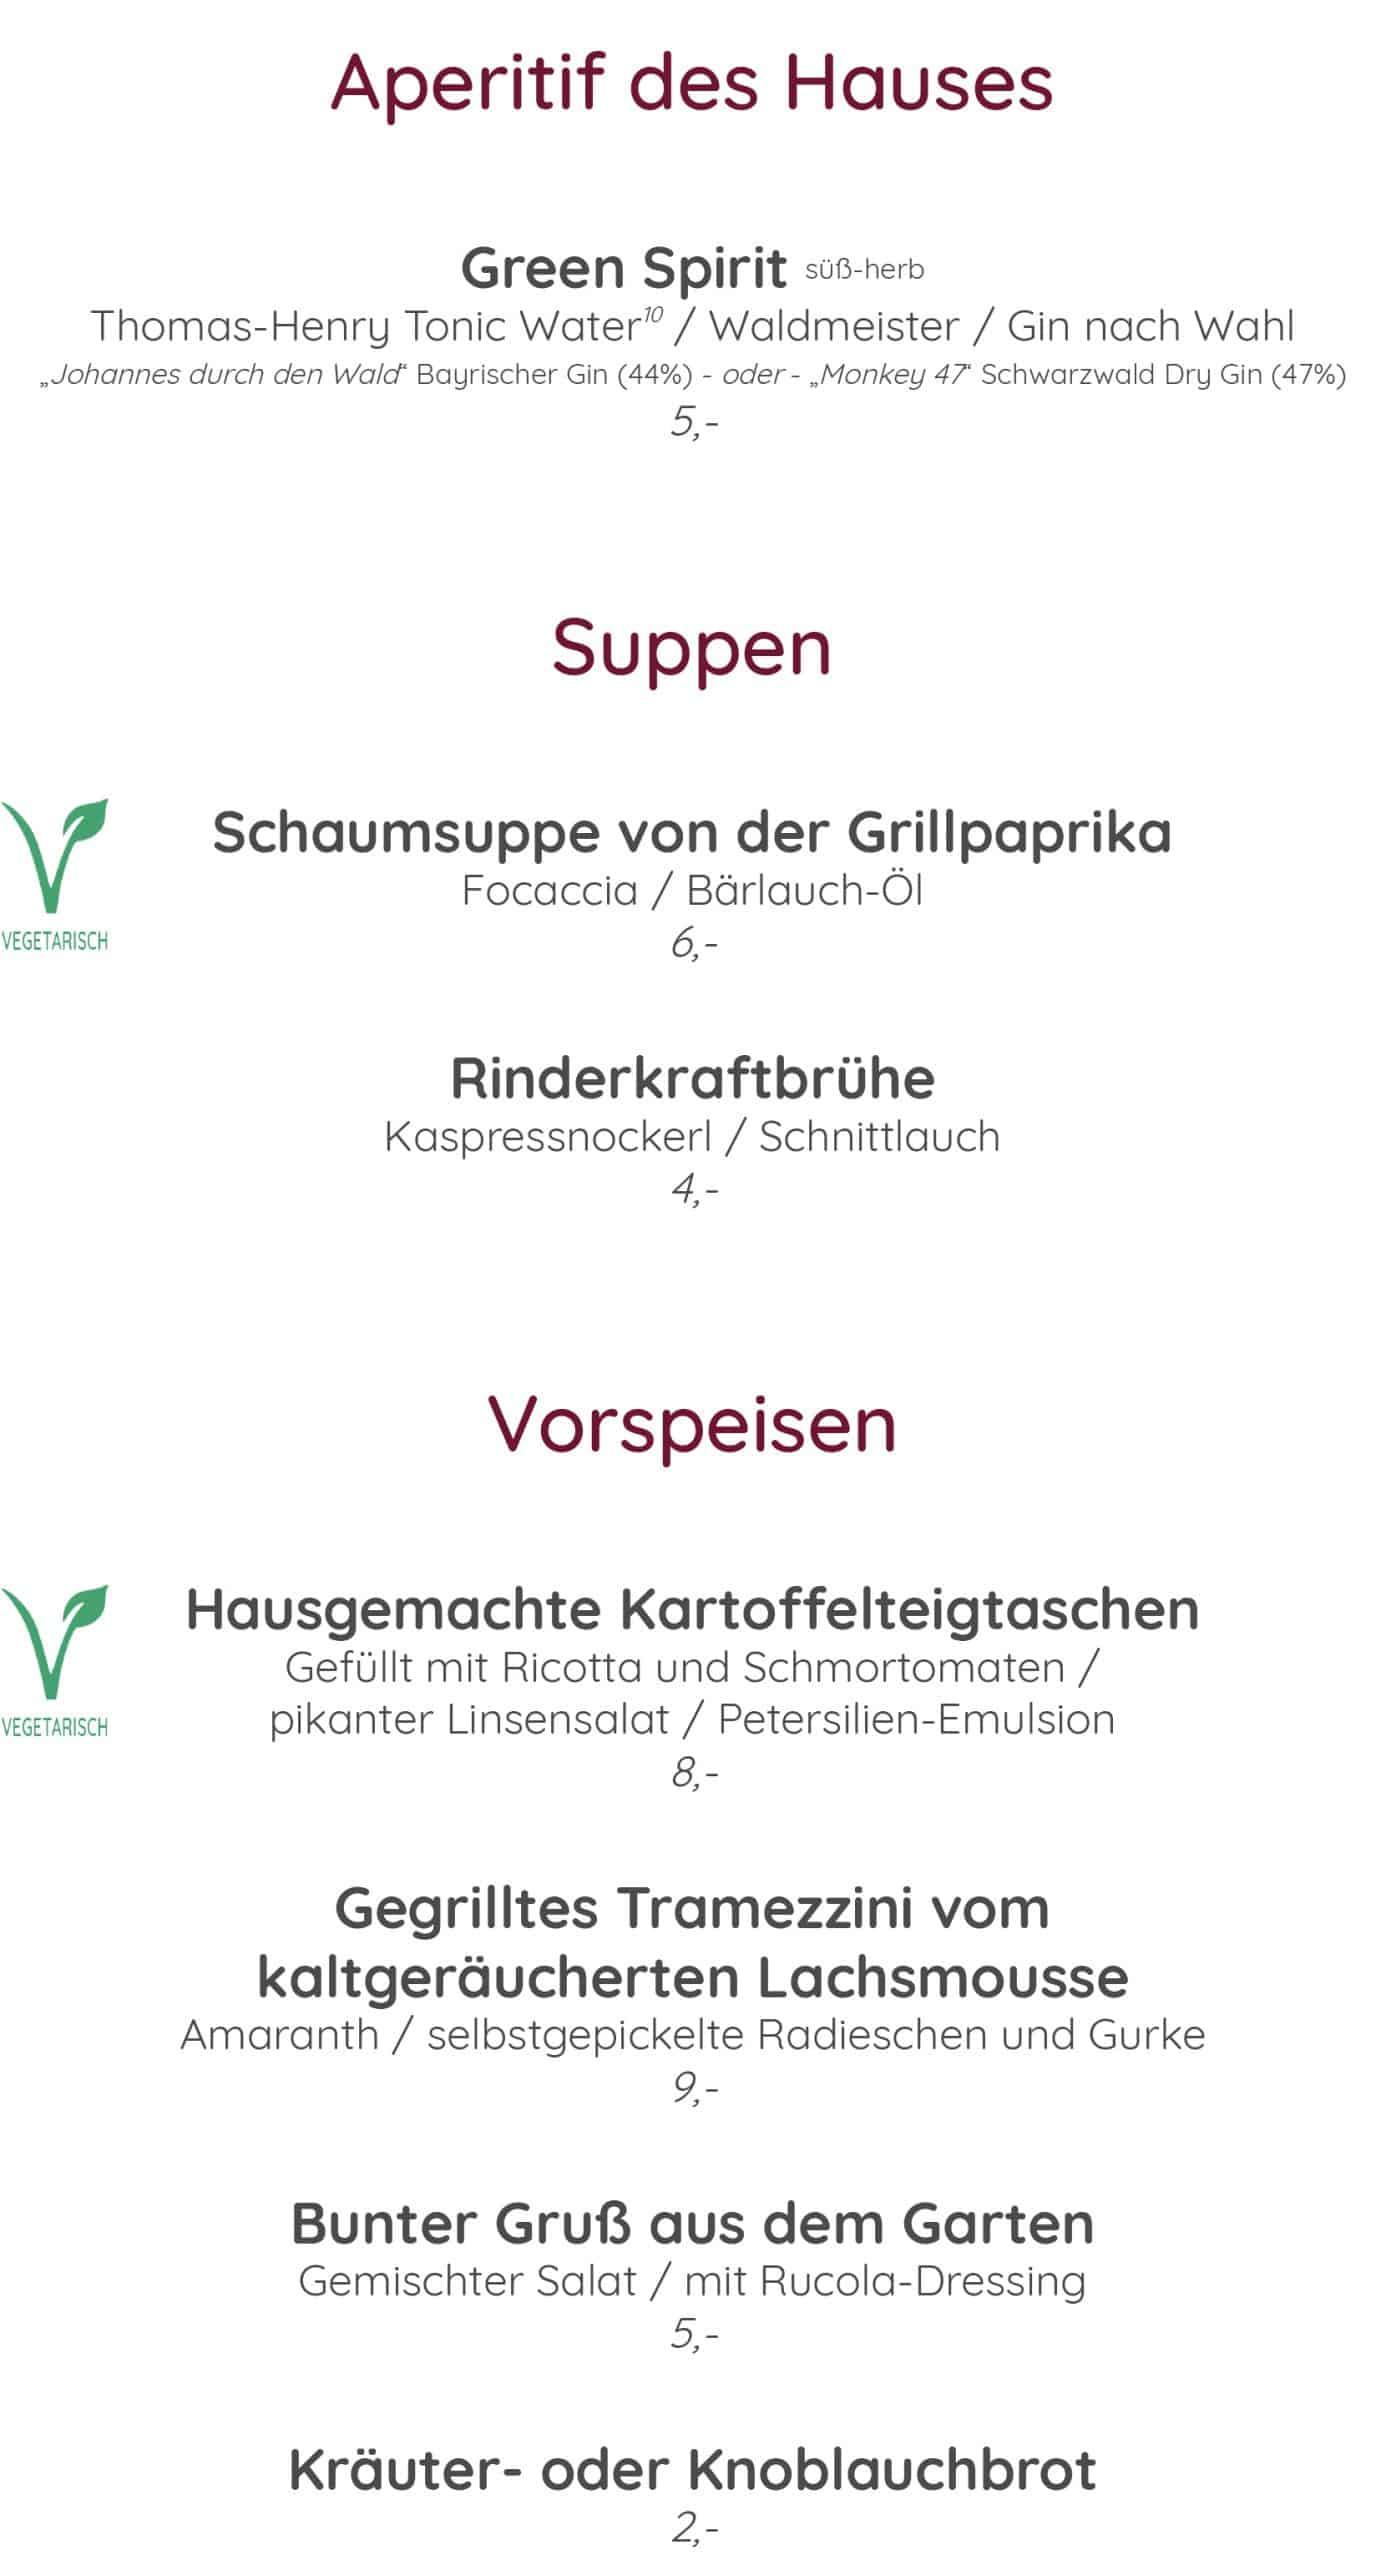 hzpk-speisekarte-gesamt Sommer 2021 (1)-1